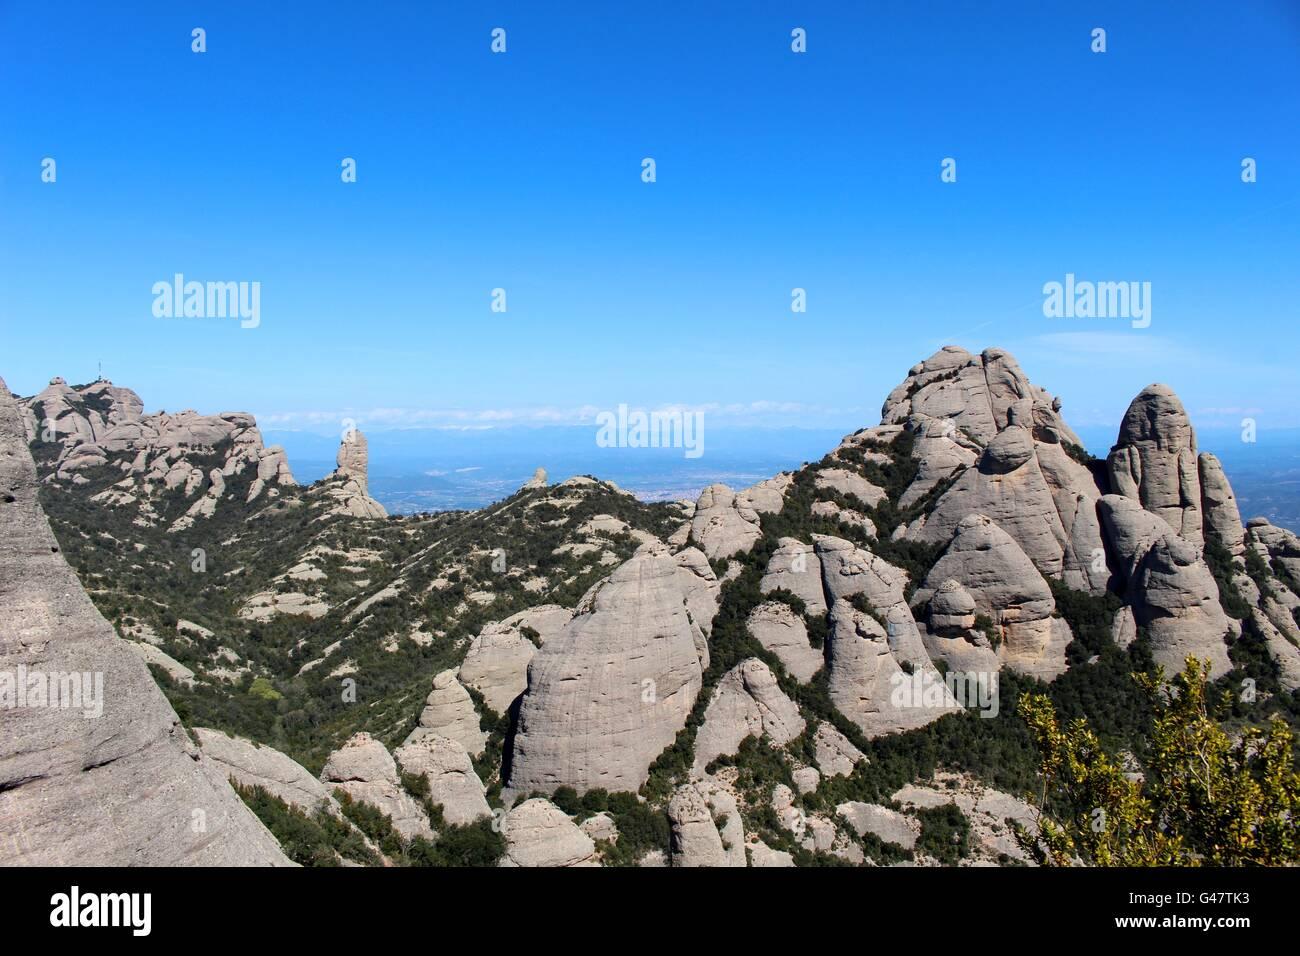 Les crêtes dentelées qui lui donnent son nom de la Montagne de Montserrat. Photo Stock